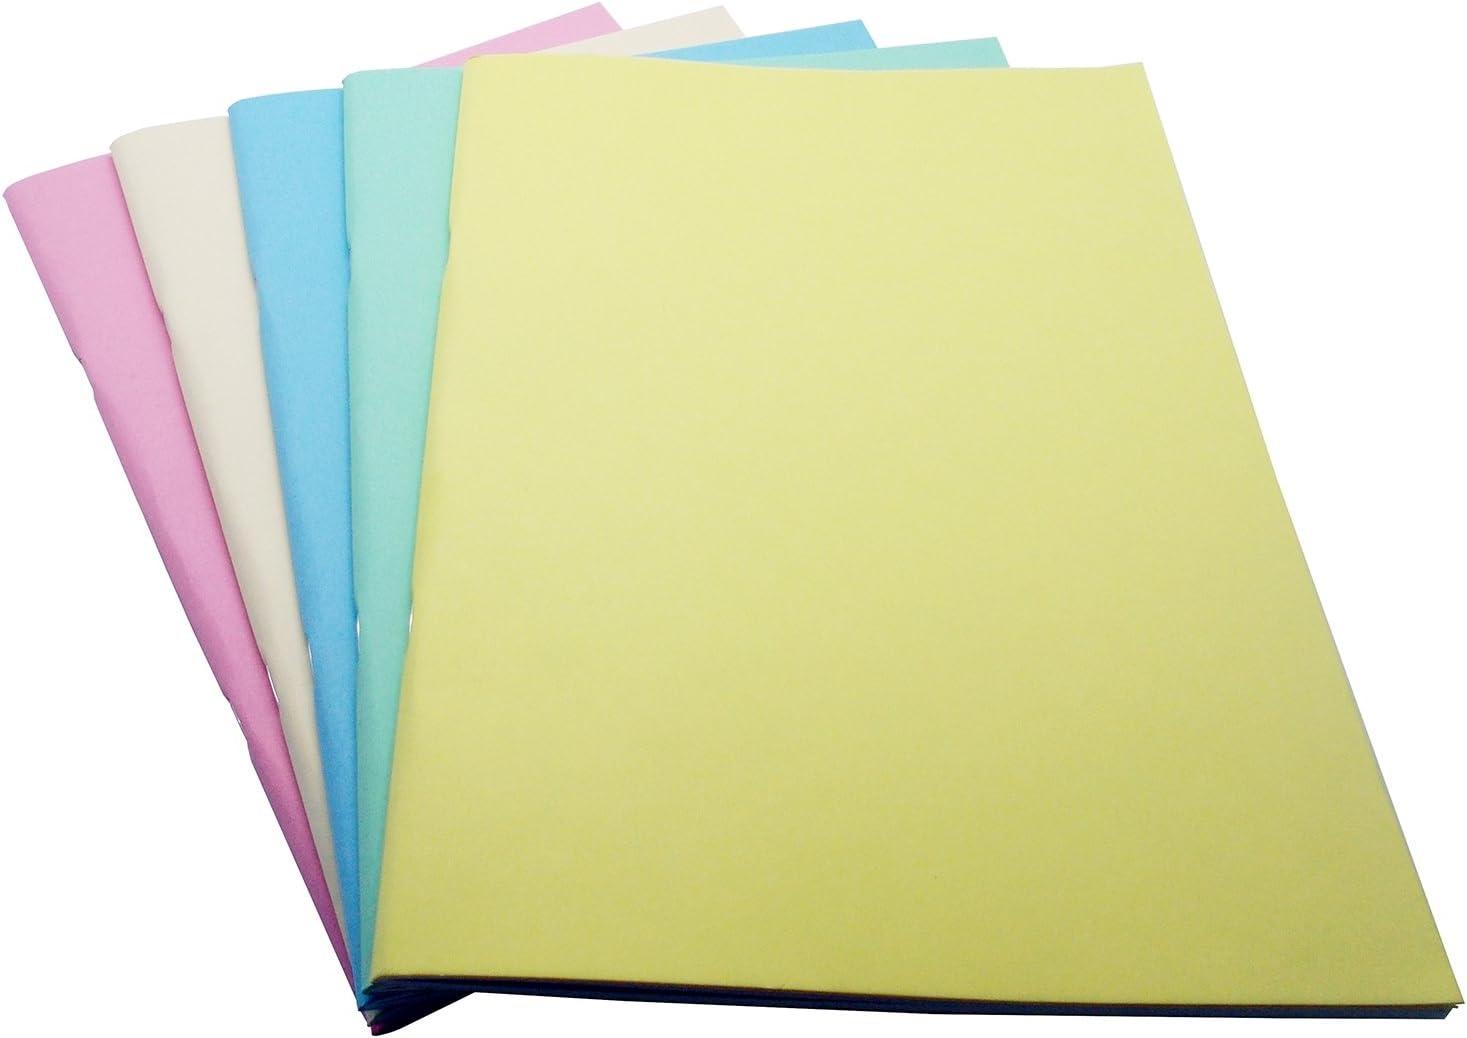 West 334453 A5 cuaderno de dibujo – colores pastel surtidos (Pack de 5): Amazon.es: Oficina y papelería